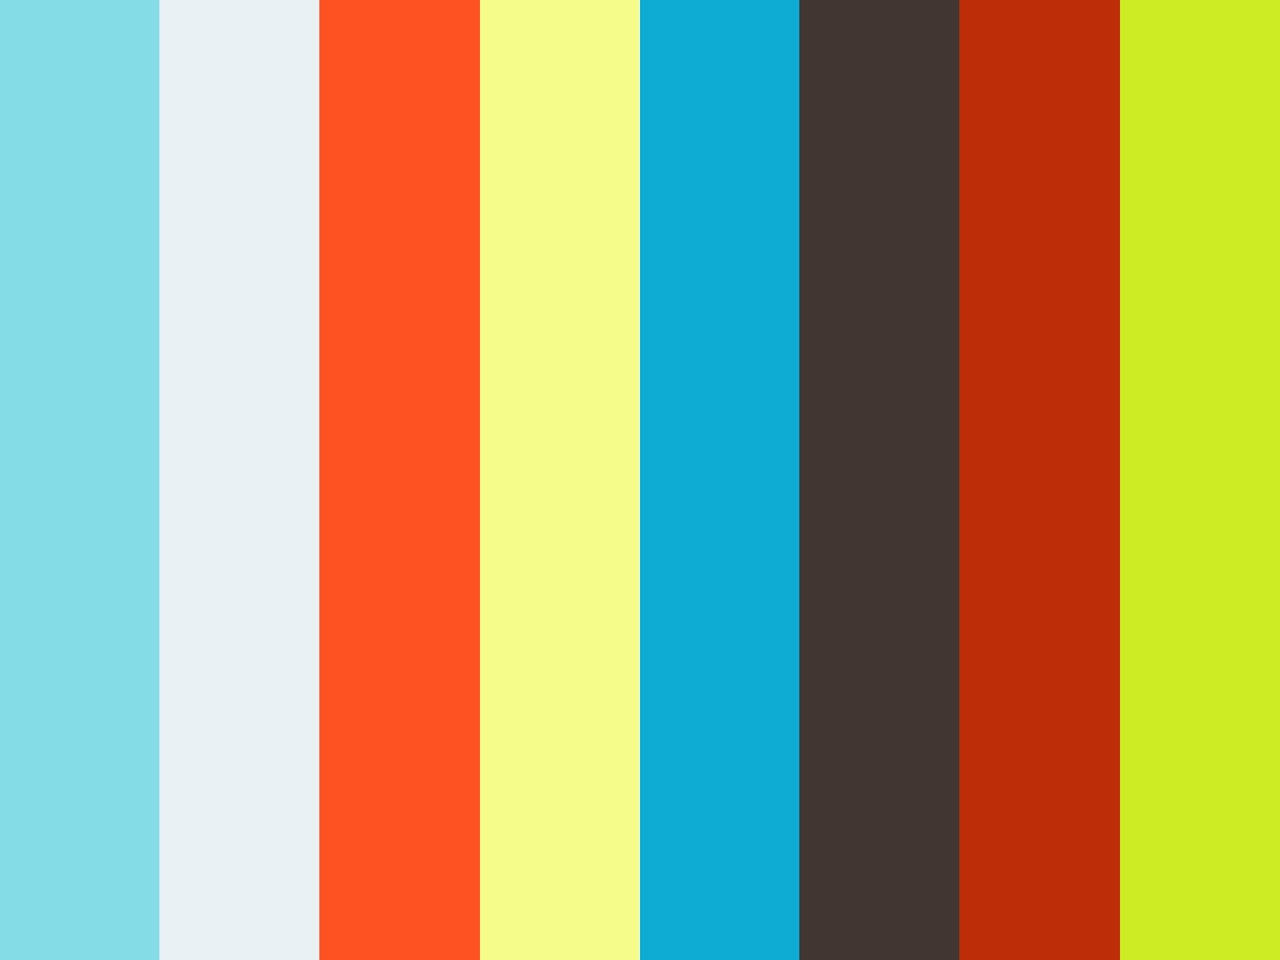 arteBA - Una cita obligada para los profesionales del arte contemporáneo